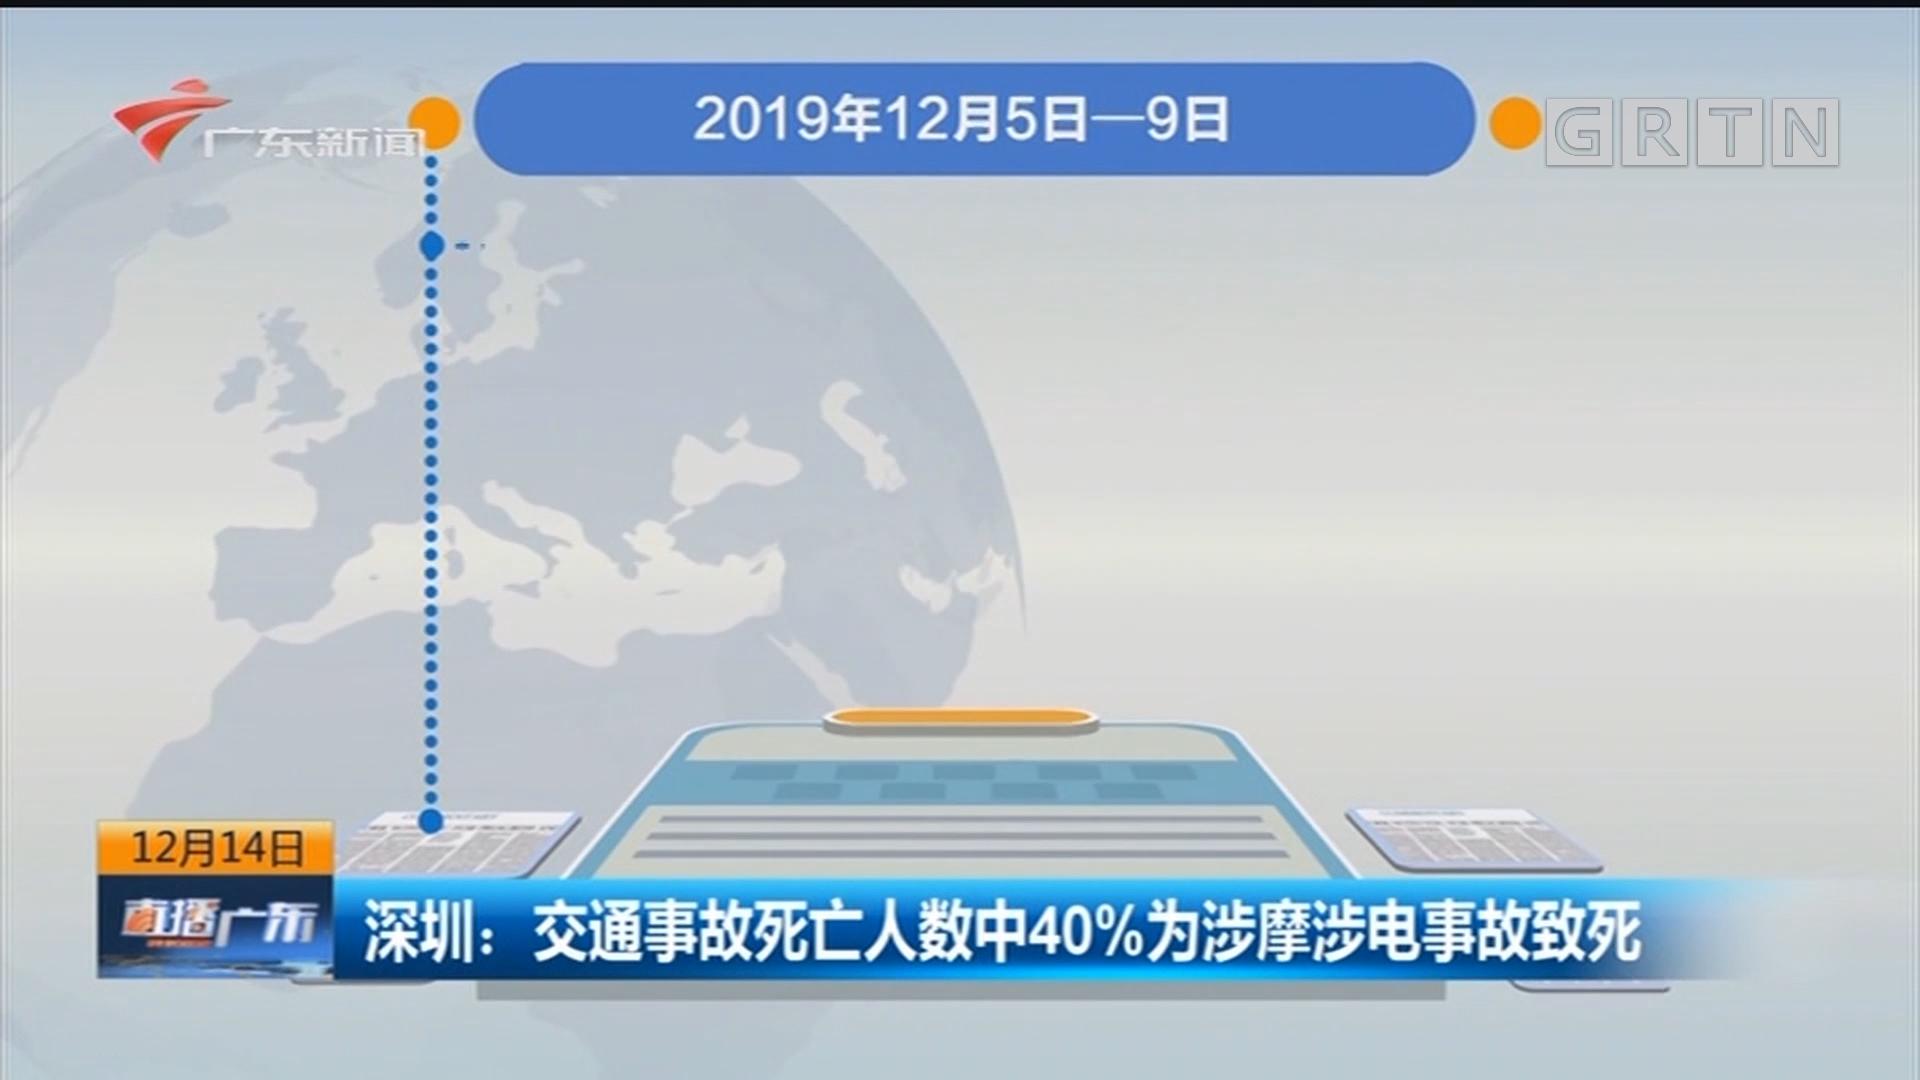 深圳:交通事故死亡人数中40%为涉摩涉电事故致死